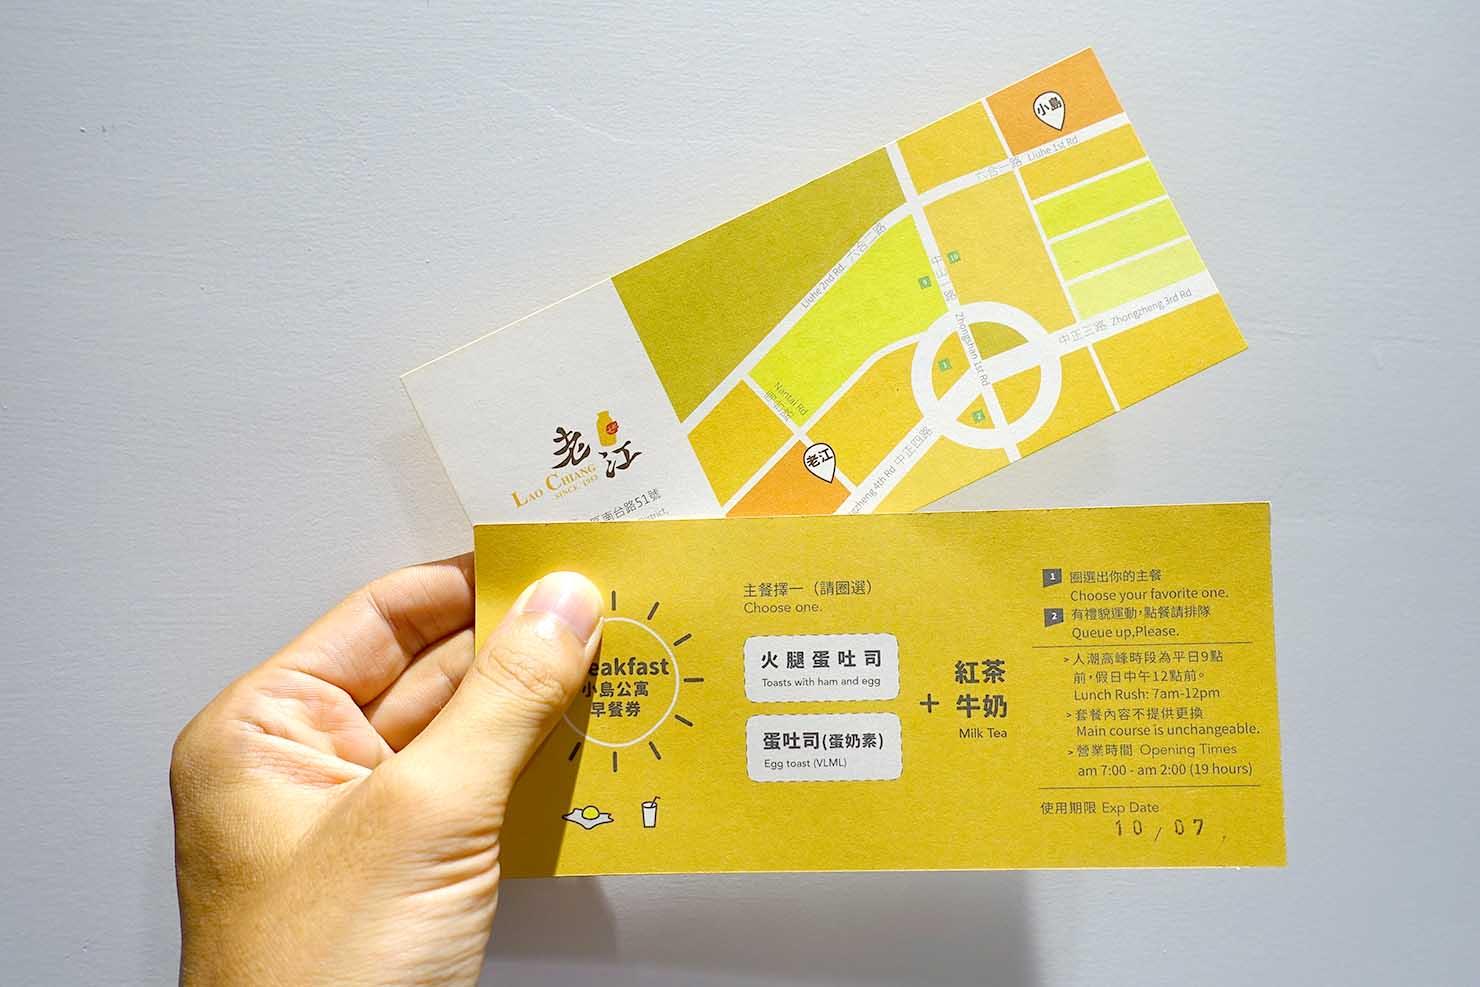 高雄・美麗島駅徒歩3分の立地最高なおすすめホテル「小島公寓 Island House」の朝食チケット